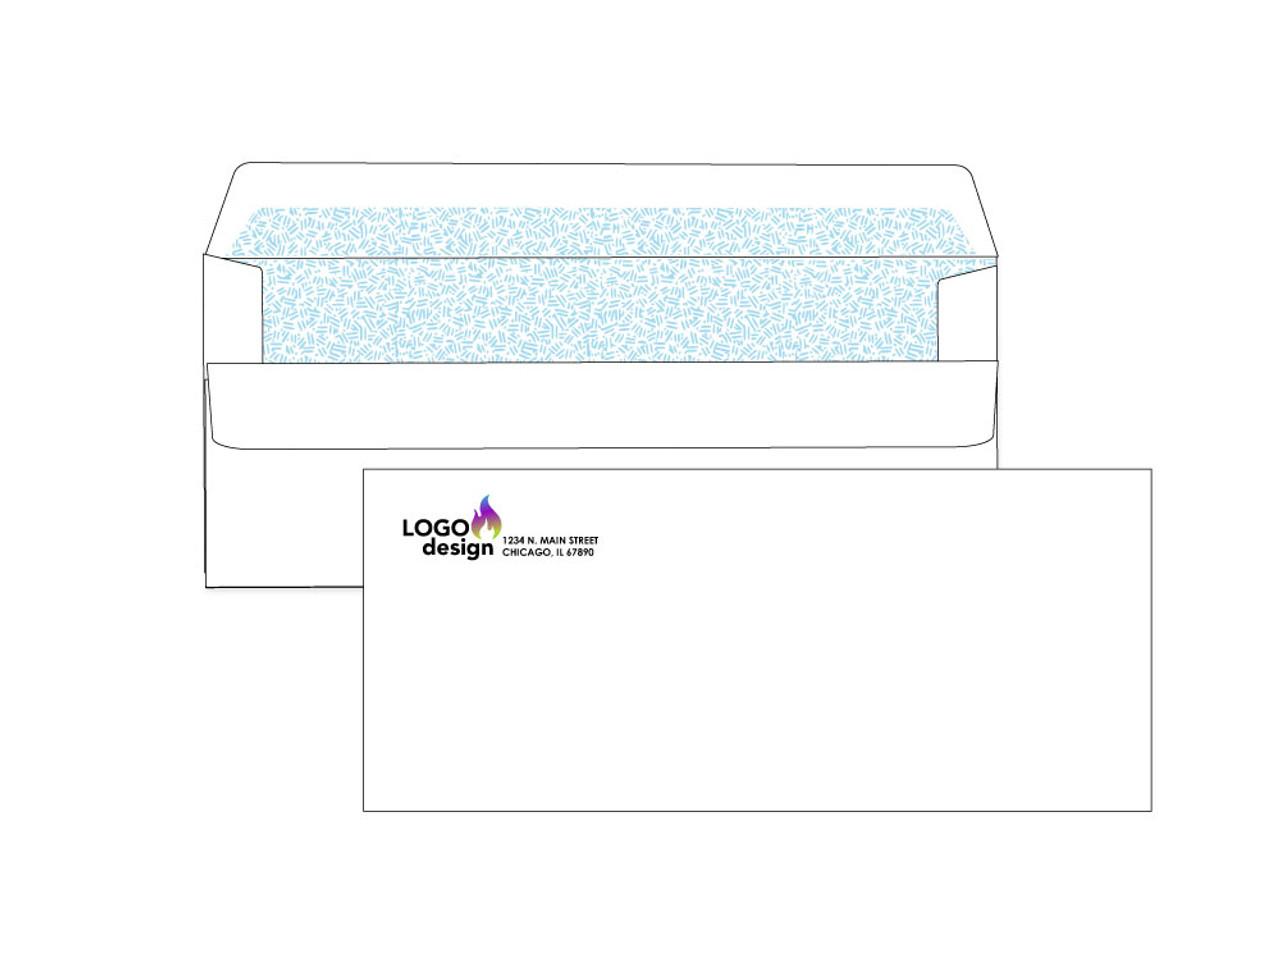 Custom #10 Security Simple Seal Envelopes - EN1007